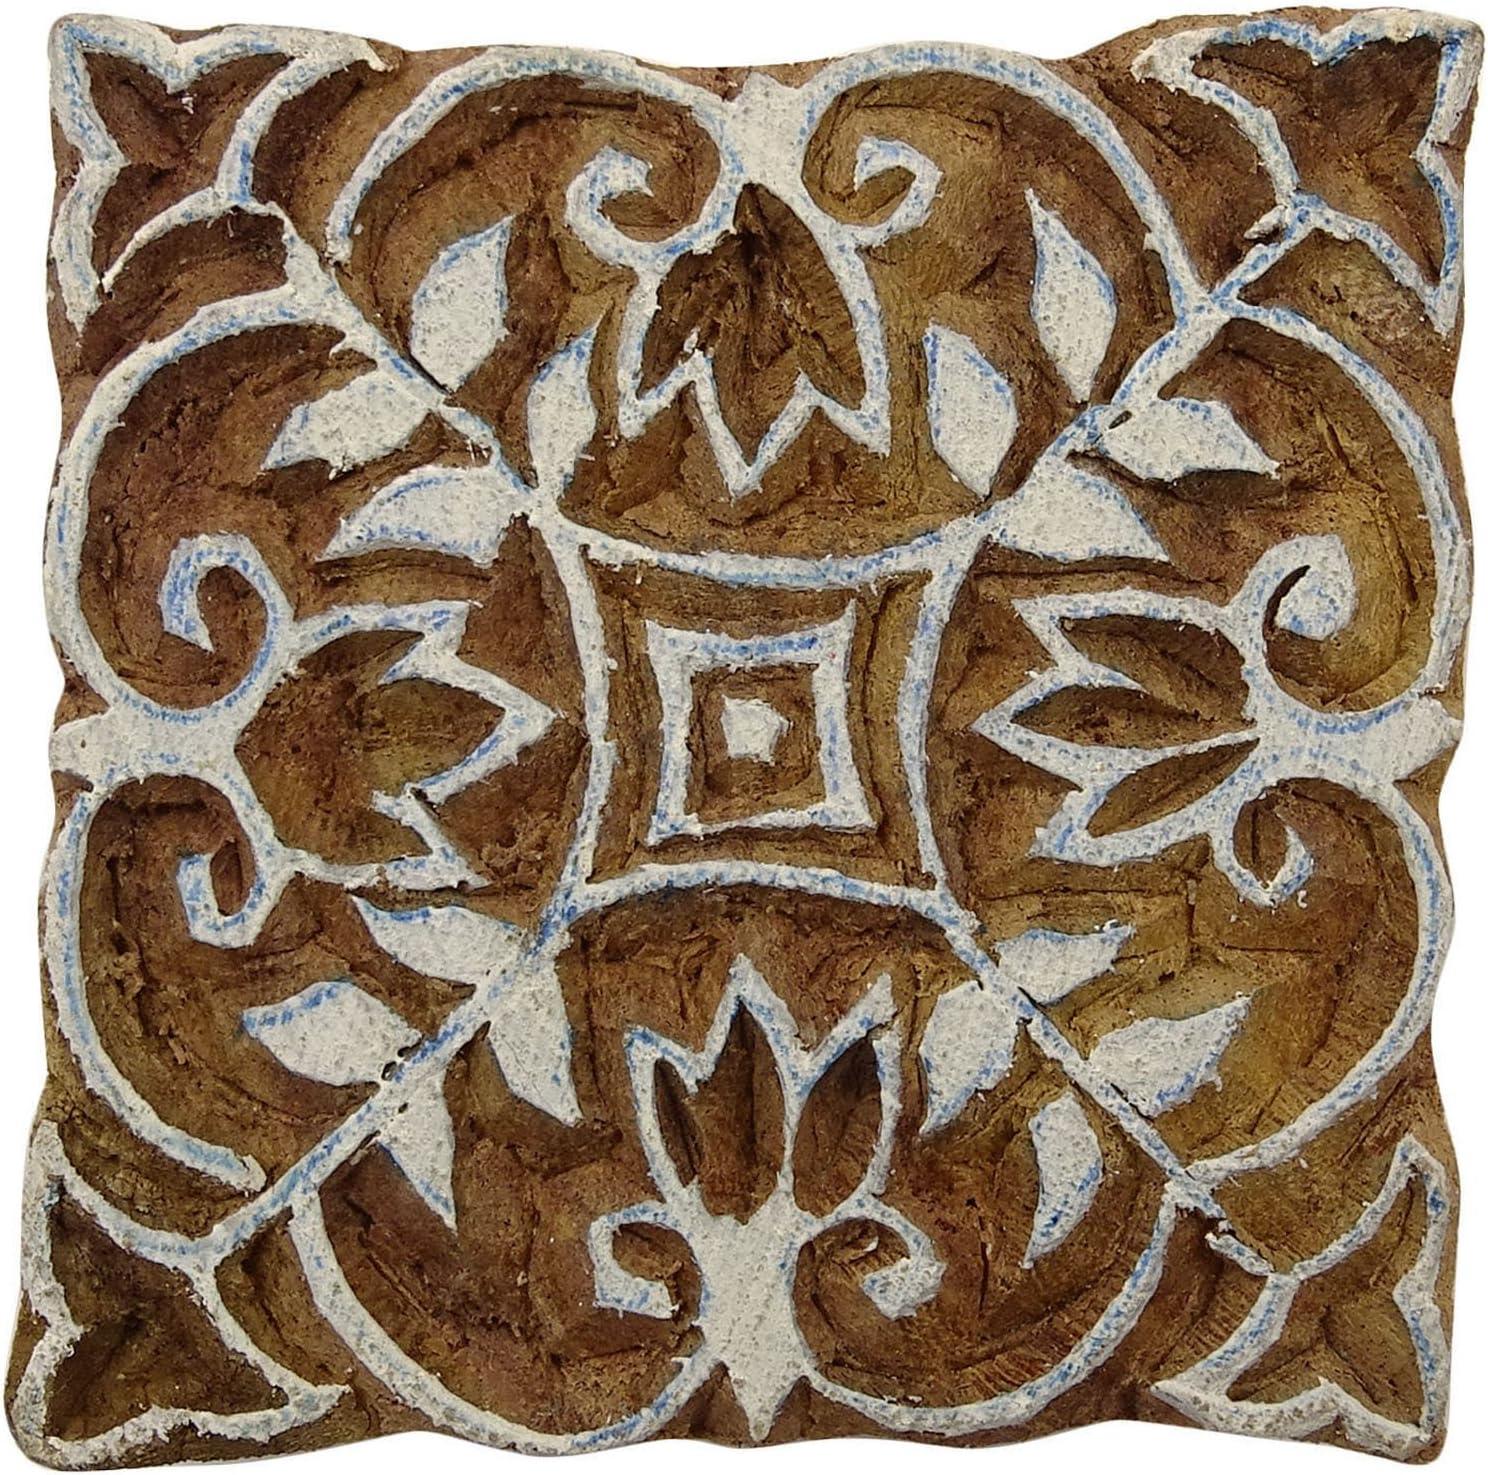 Indianbeautifulart Floral Stamp Textile Stamp Indian Braun Holz Briefmarken Hand Craved Drucktype